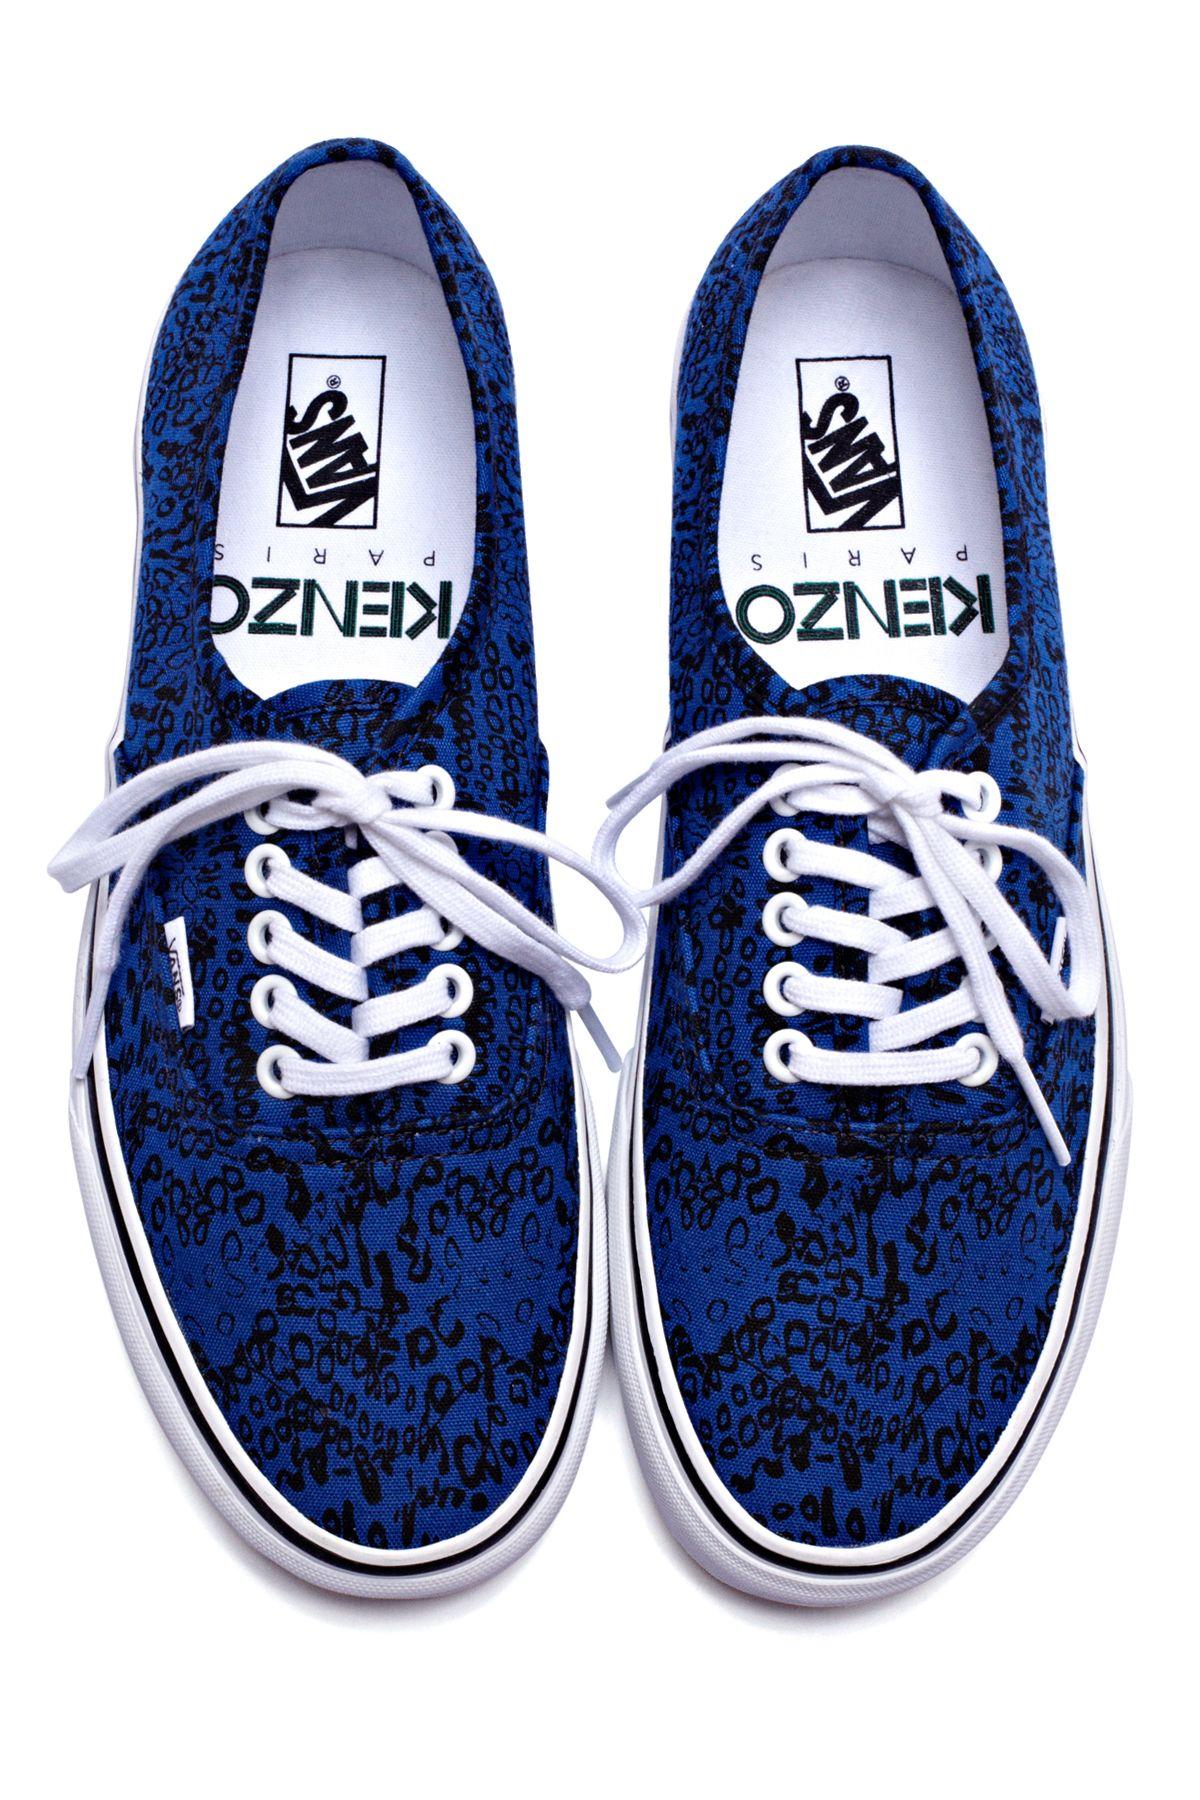 4ca2aa1186 Kenzo x Vans print sneakers